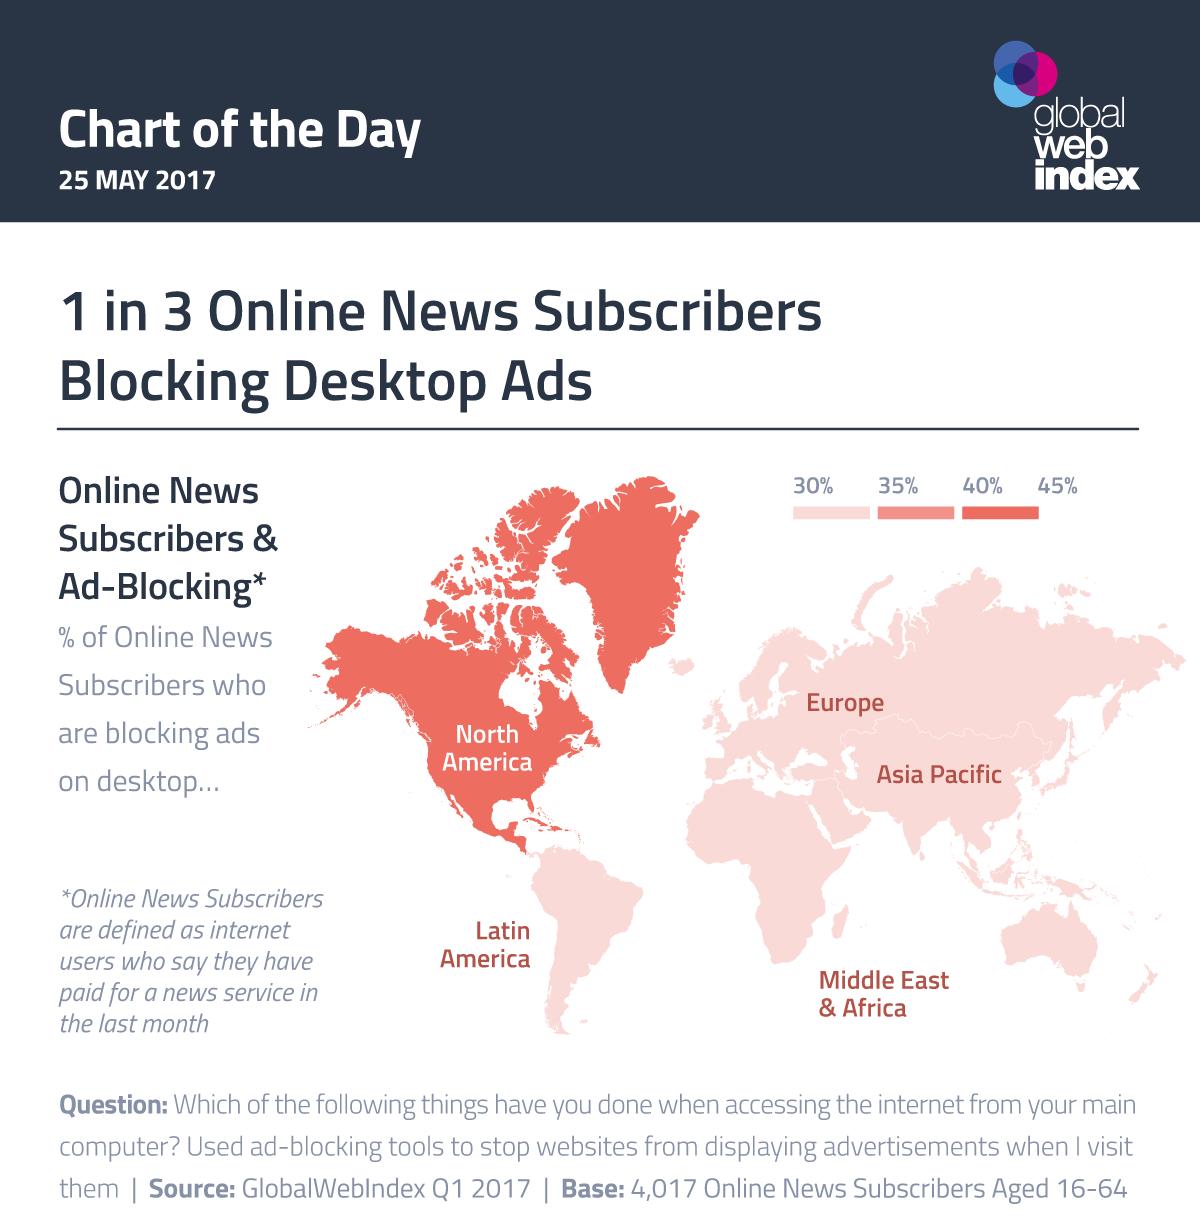 1 in 3 Online News Subscribers Blocking Desktop Ads